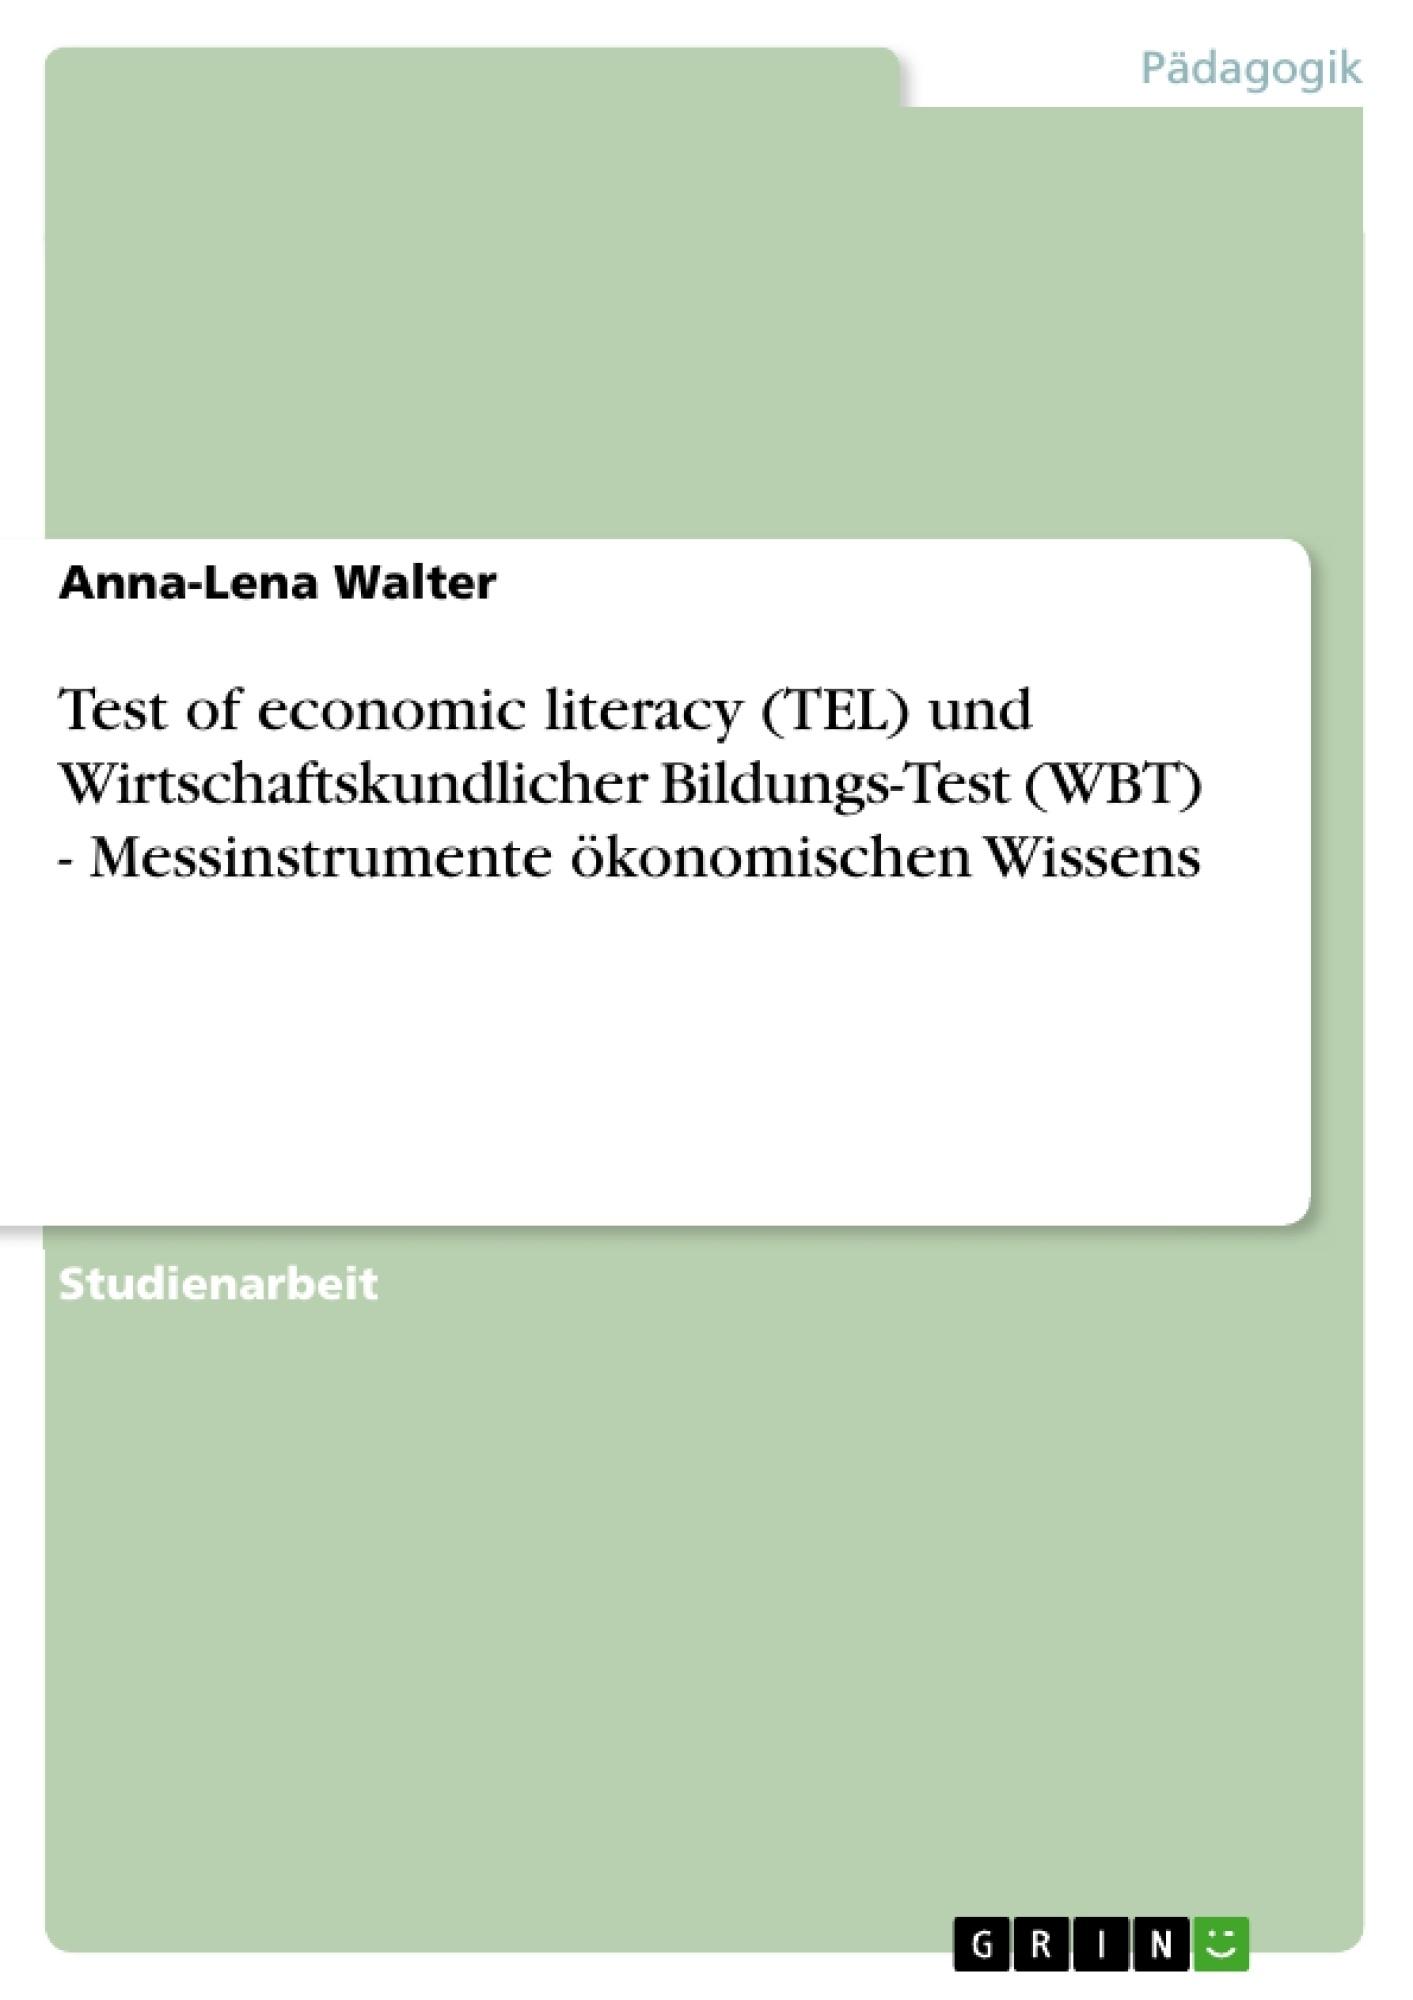 Titel: Test of economic literacy (TEL) und Wirtschaftskundlicher Bildungs-Test (WBT) - Messinstrumente ökonomischen Wissens